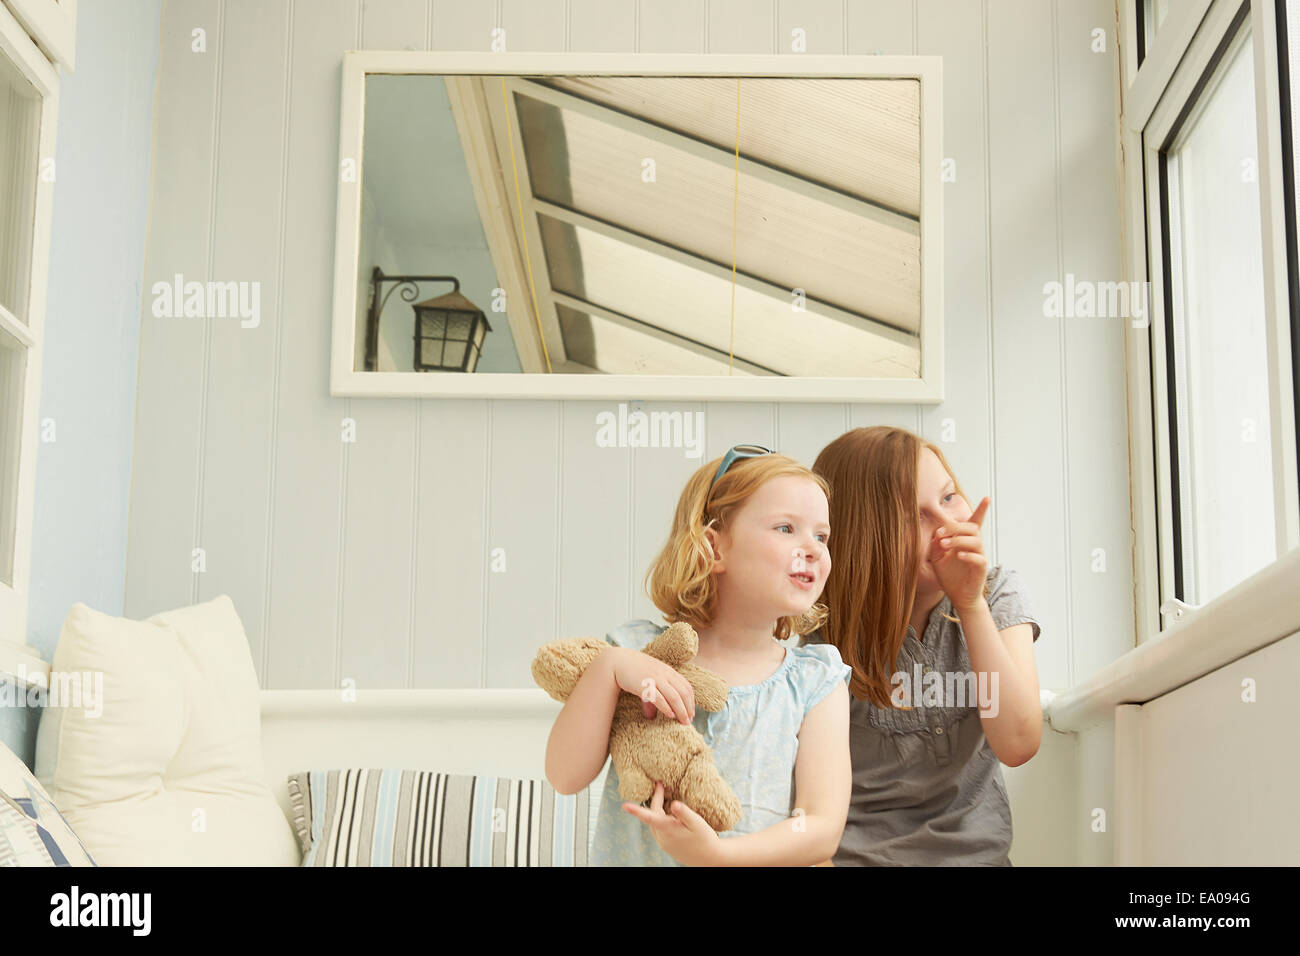 Dos hermanas apuntando y mirando por la ventana del apartamento de vacaciones Imagen De Stock